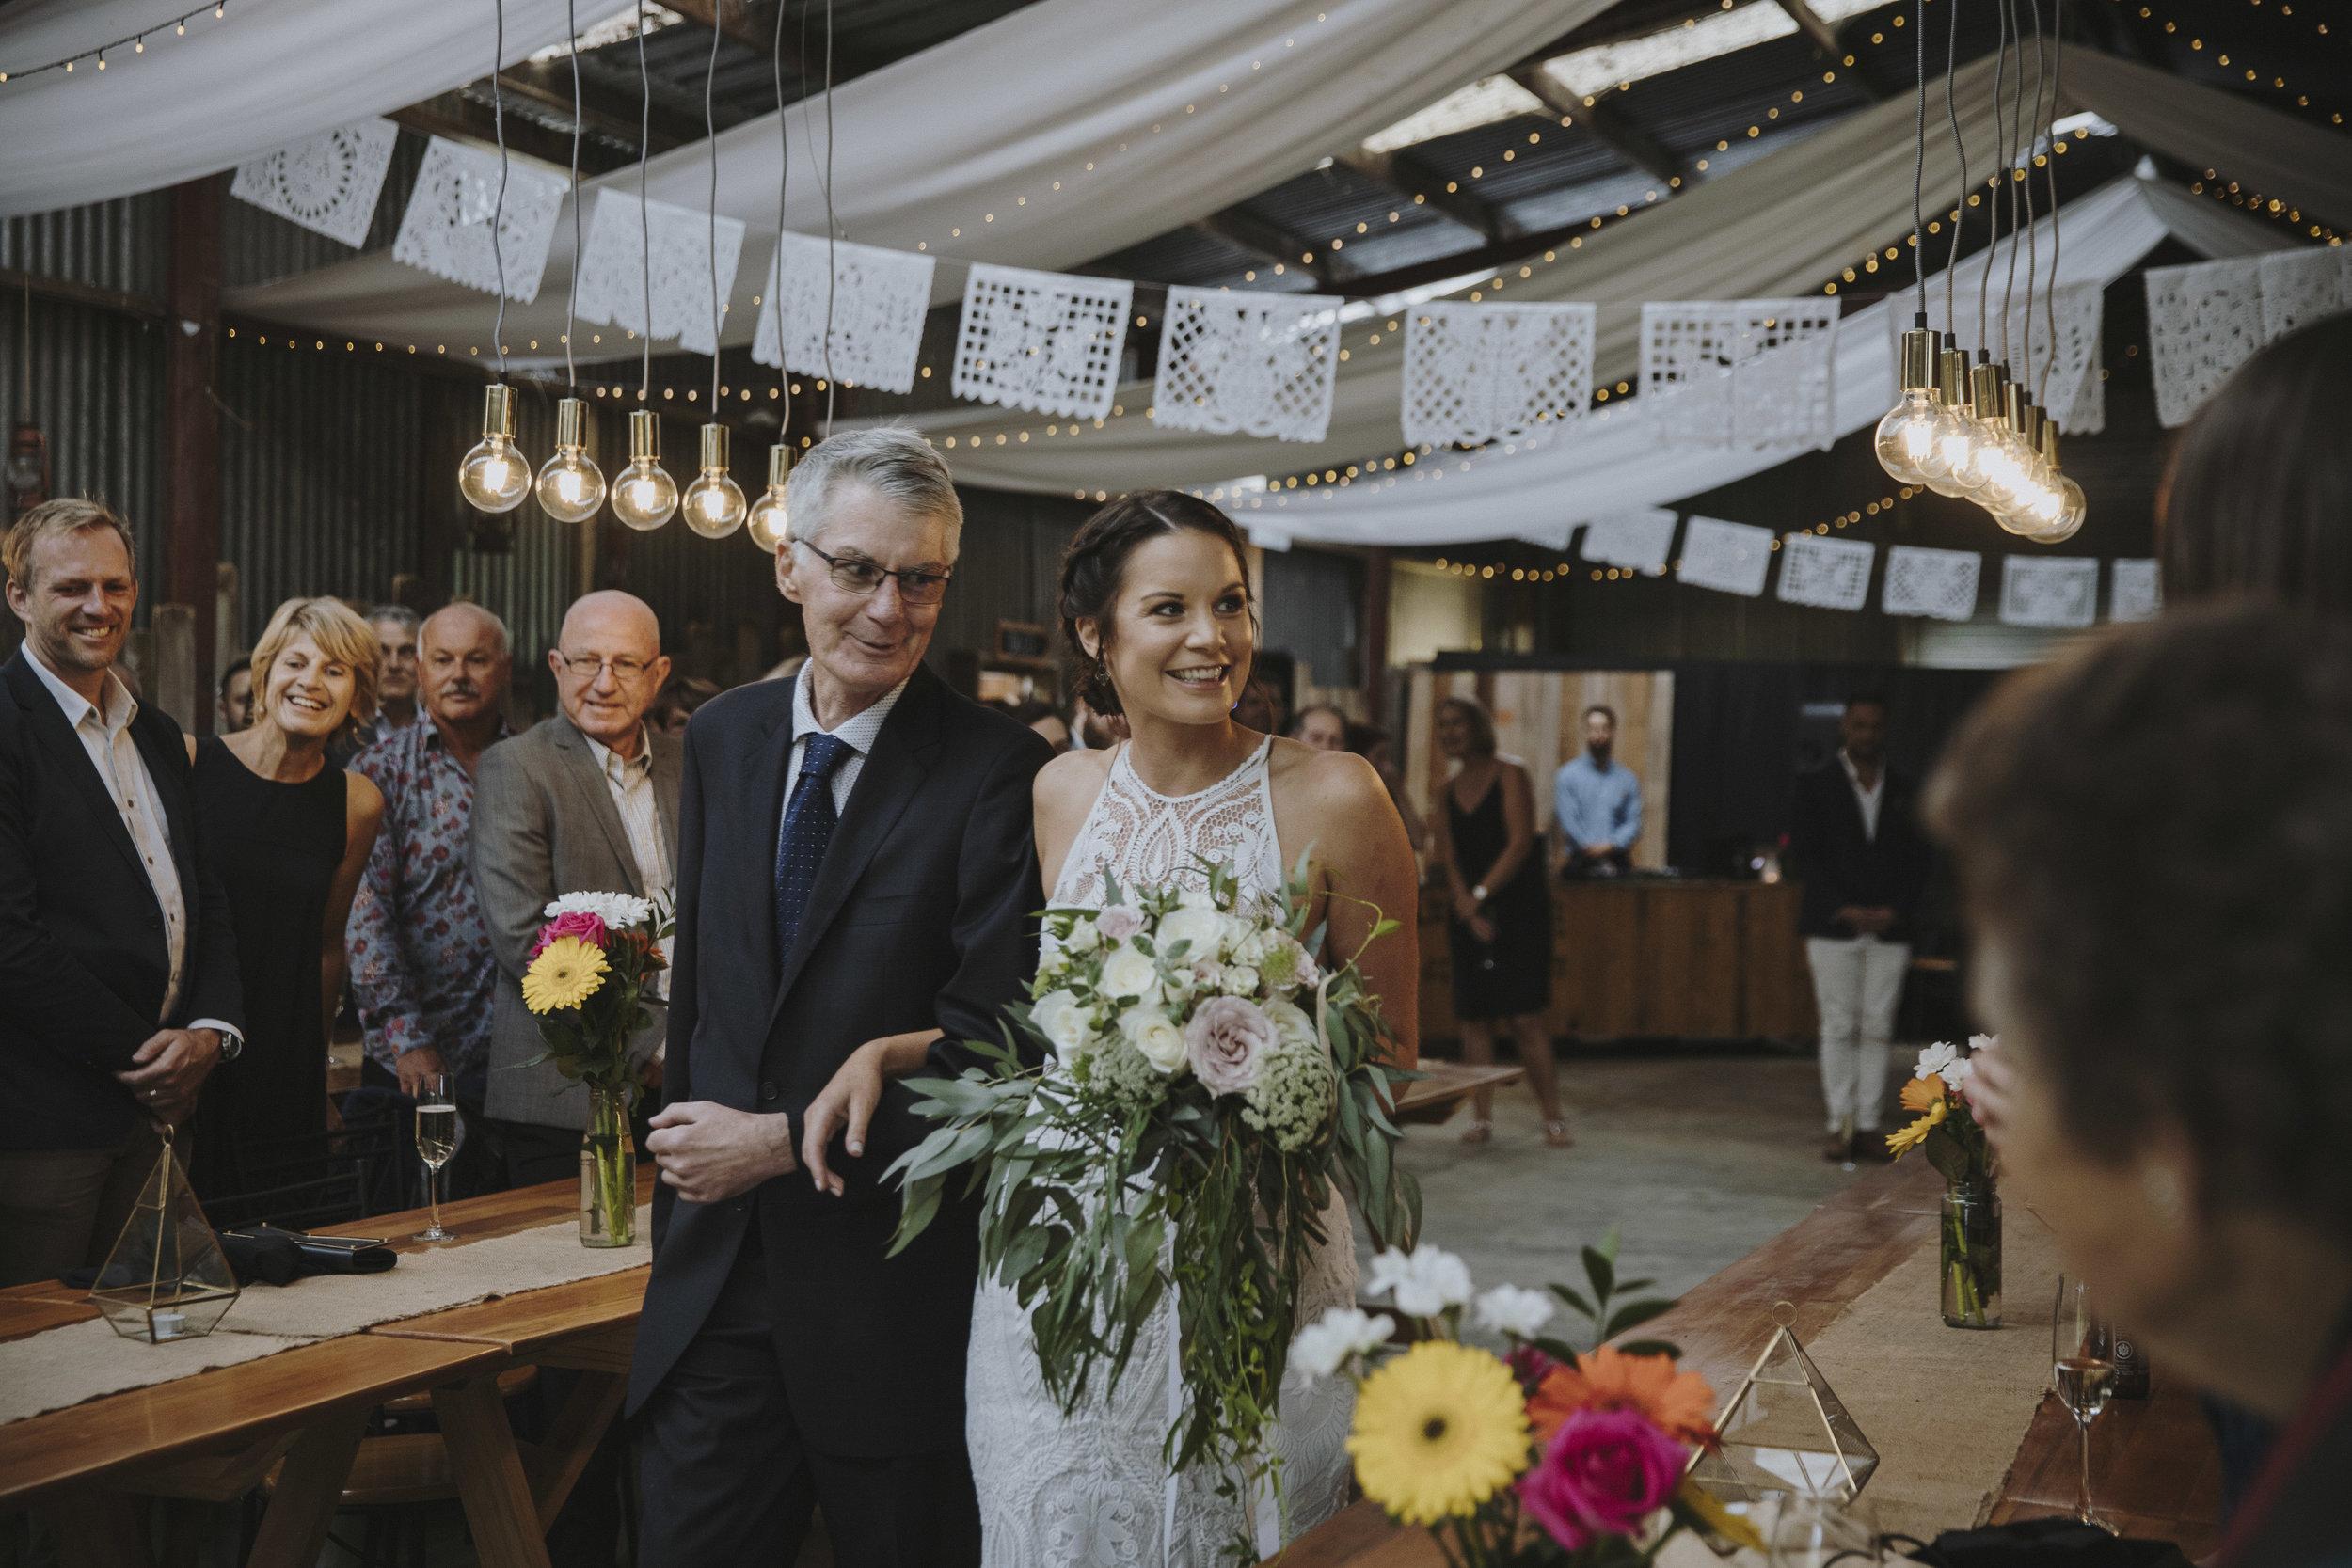 - Amanda and Jonathan's Barn WeddingPhotographer: Mike Braid